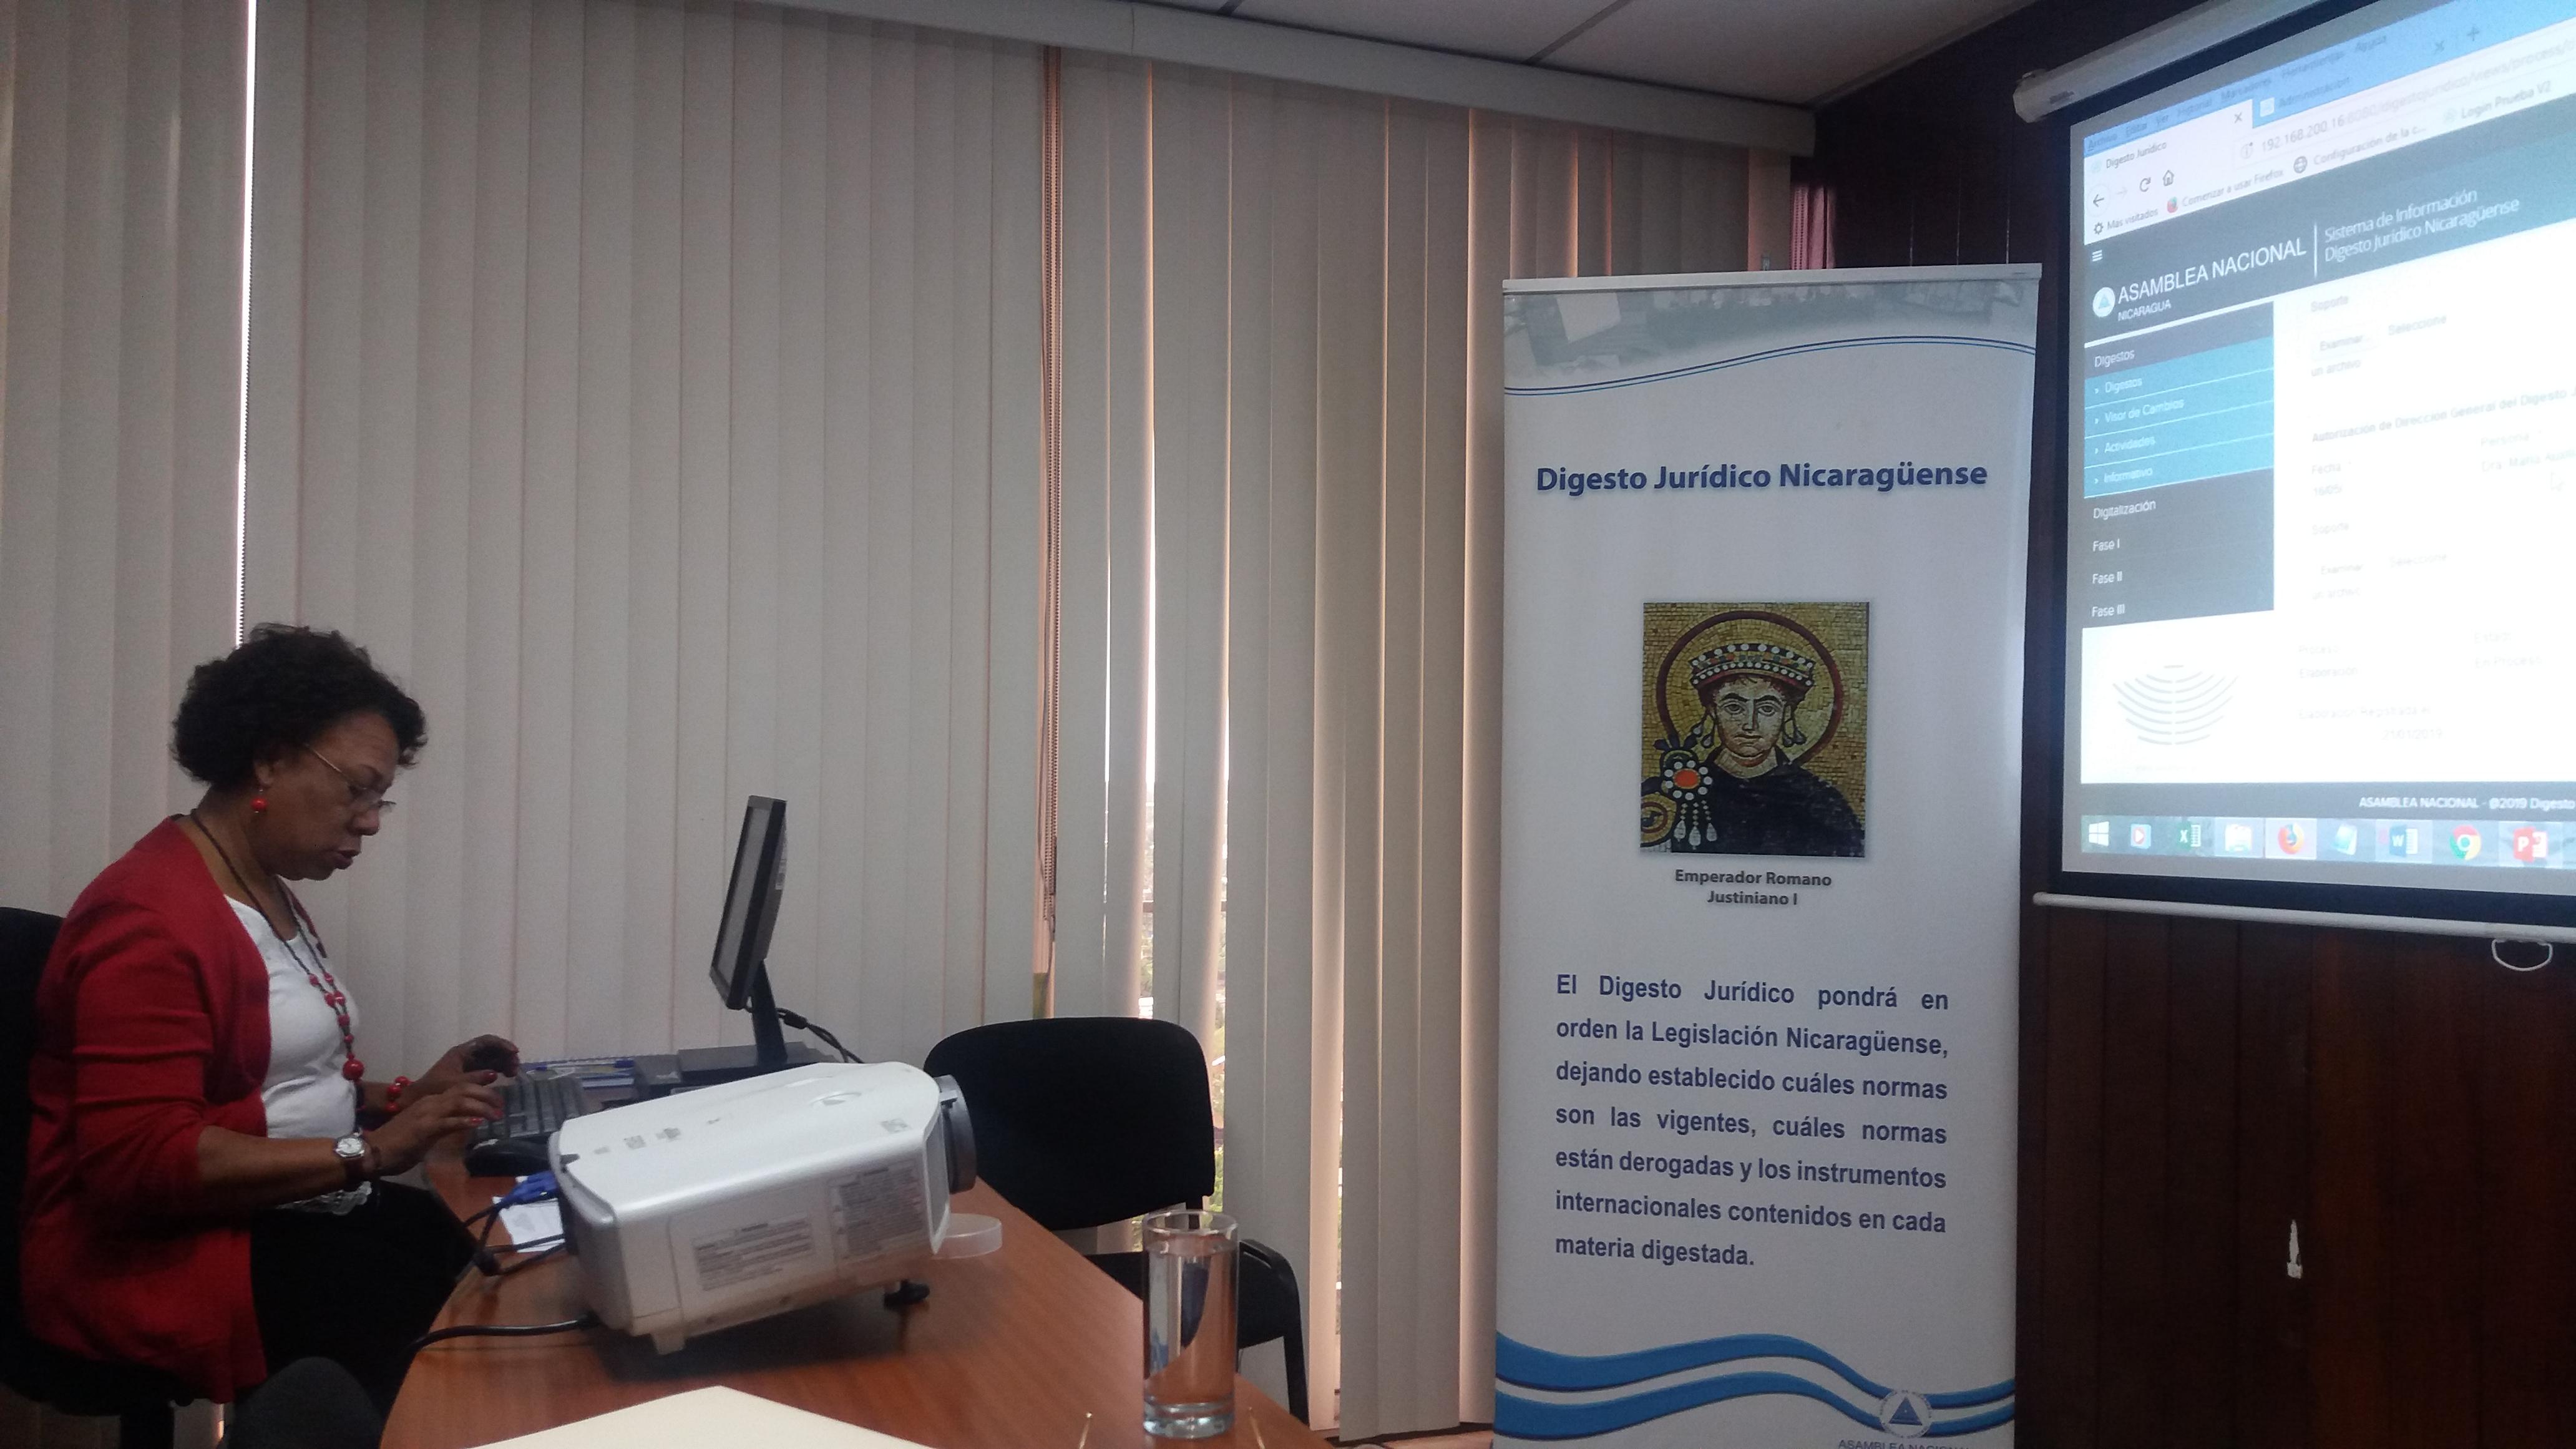 Diputada Florence Levy, aperturando el Digesto Jurídico de las materias Autonomía Regional y de Pueblos Originarios.